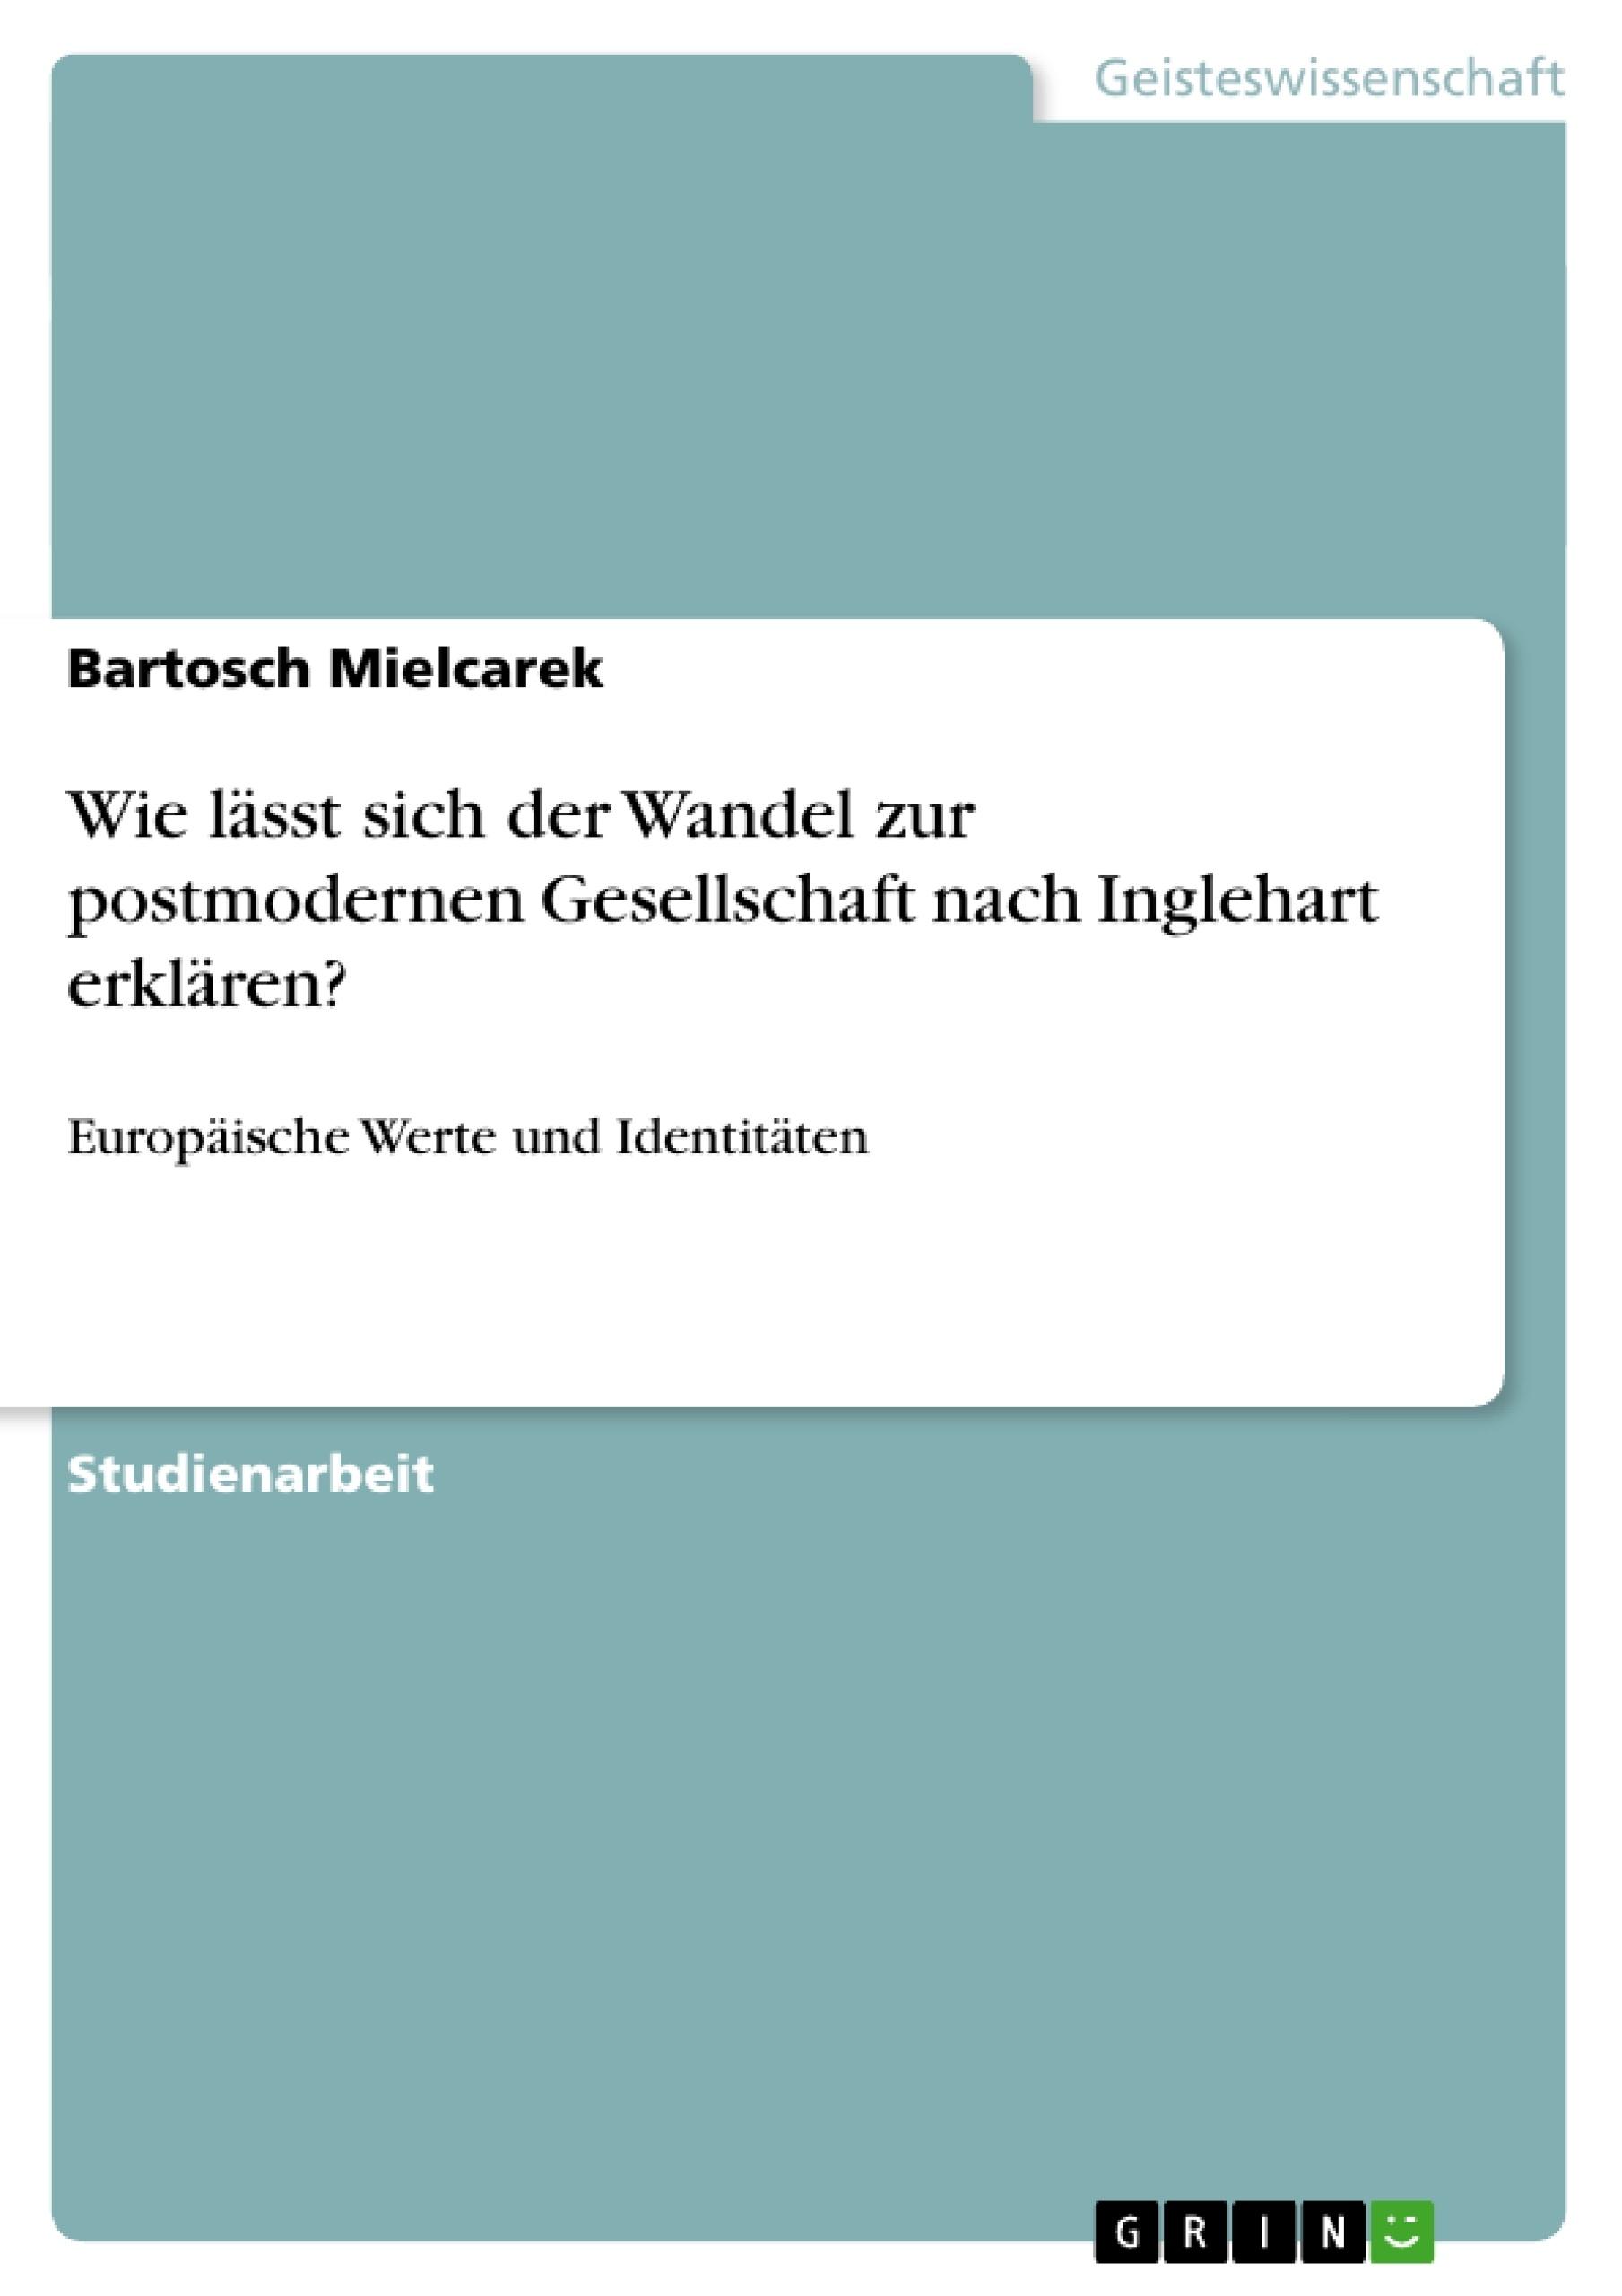 Titel: Wie lässt sich der Wandel zur postmodernen Gesellschaft nach Inglehart erklären?